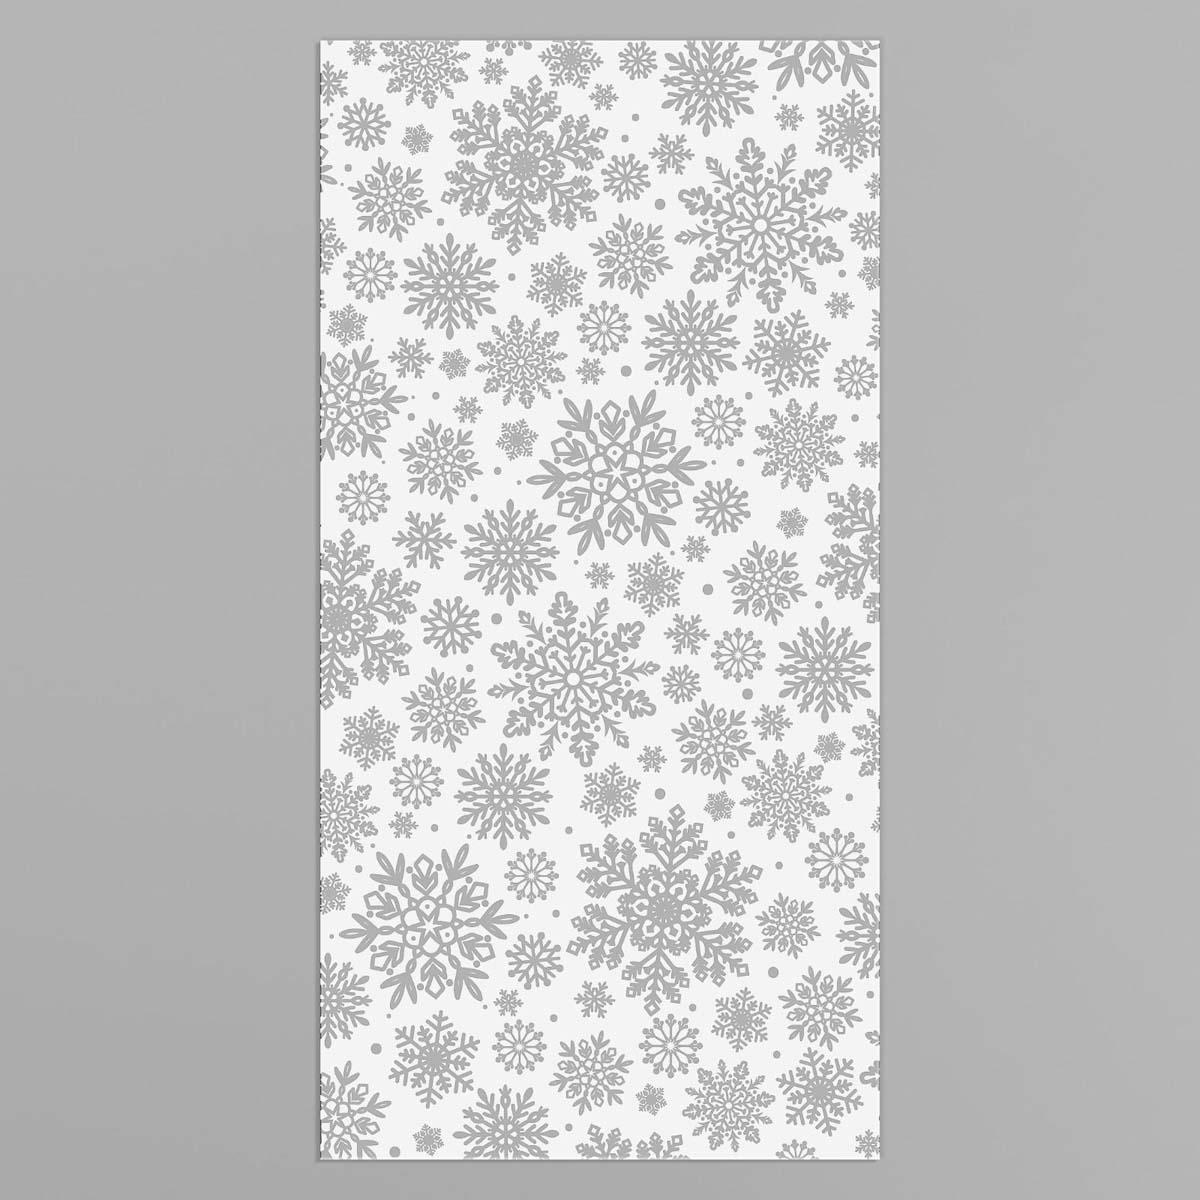 4459108 Пакет подарочный пластиковый «Снежного Нового Года», 15*30 см